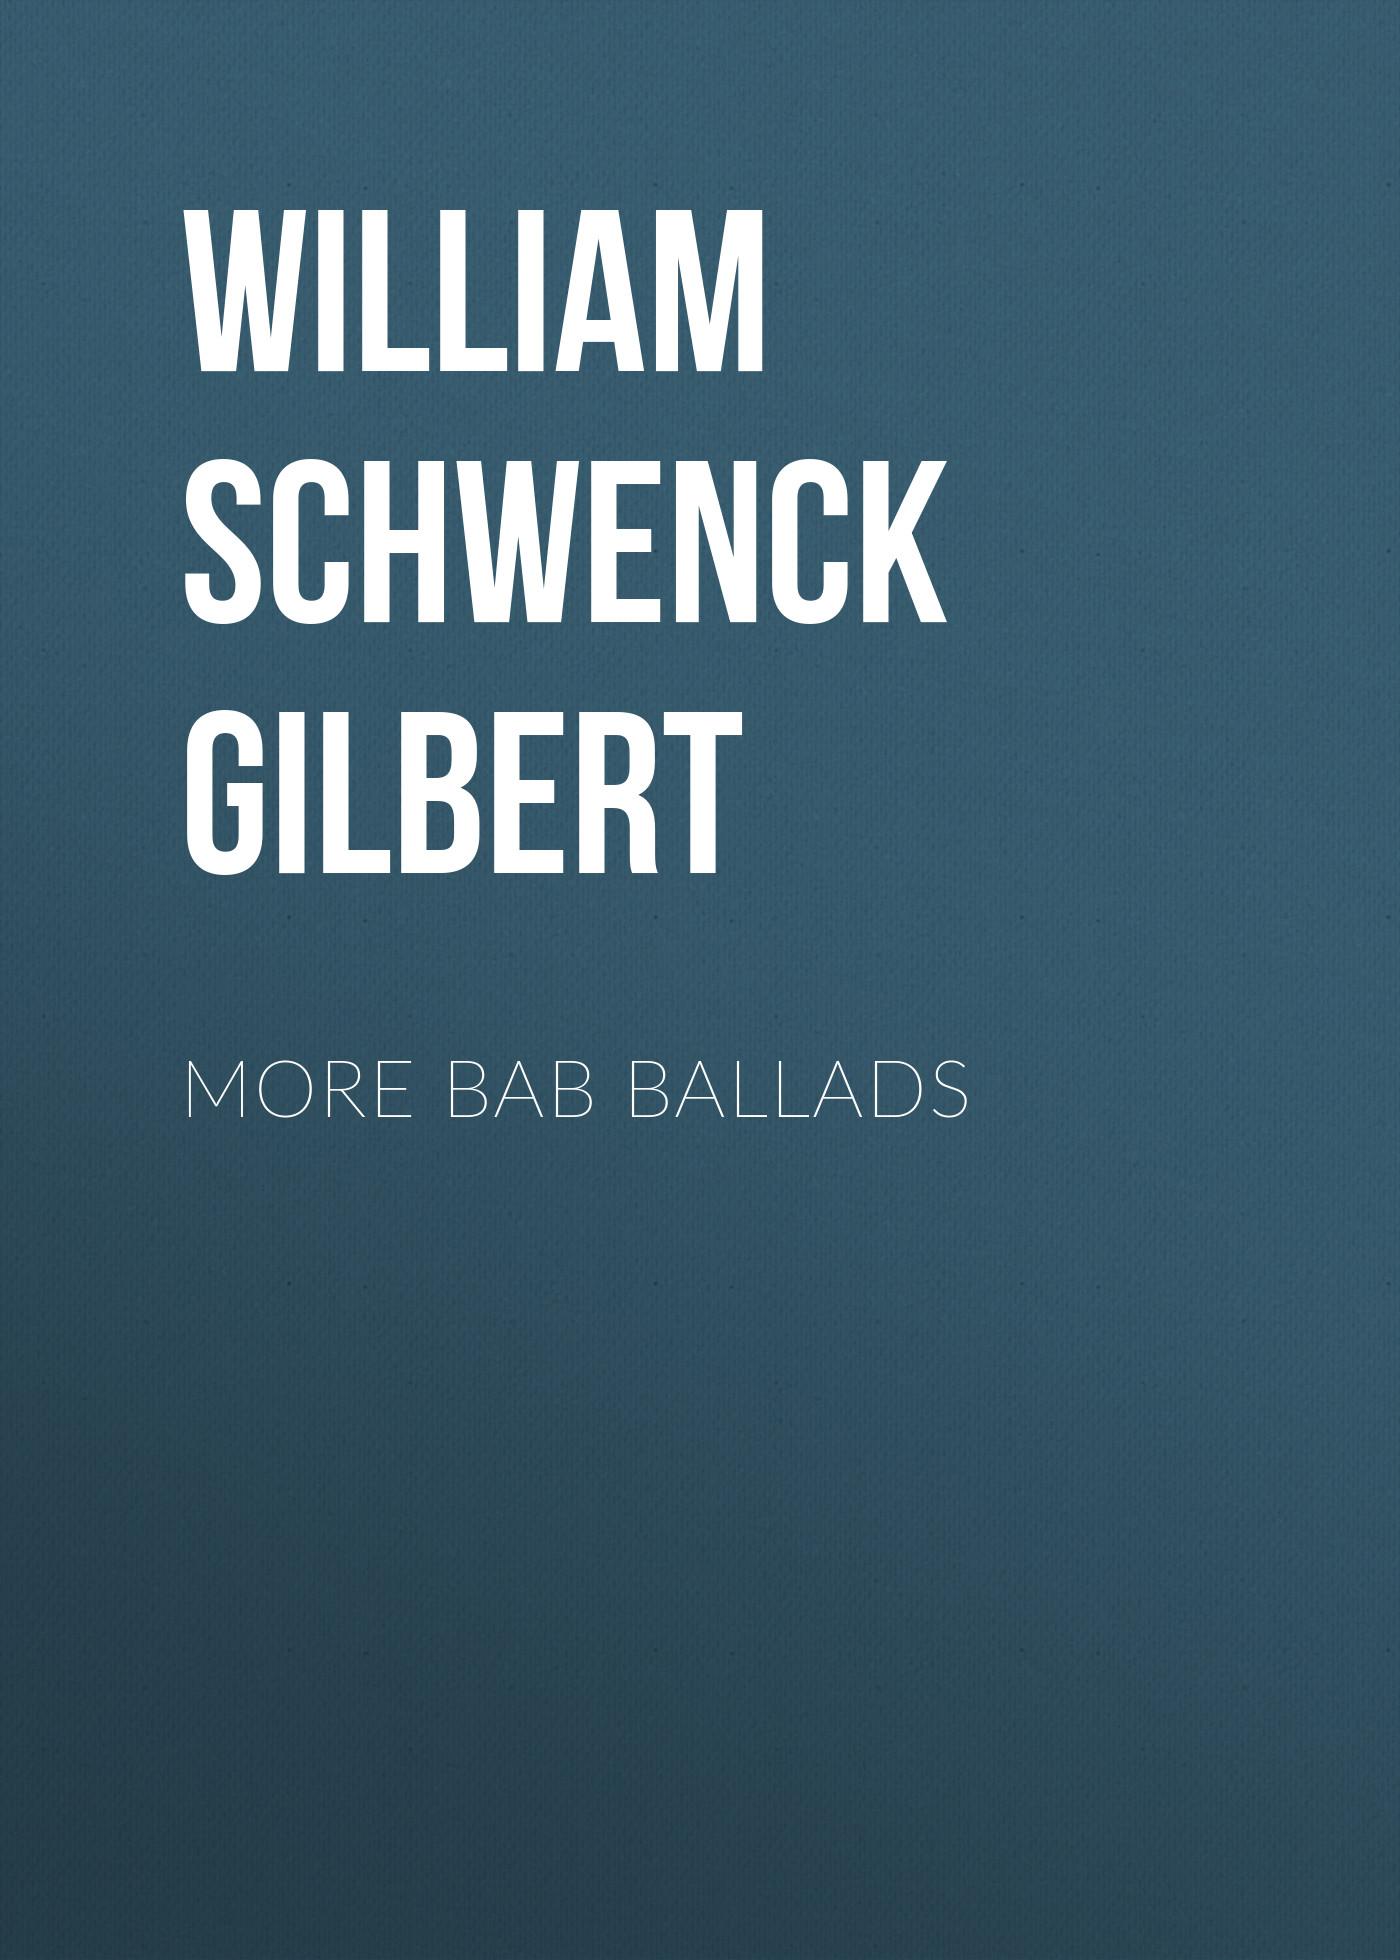 William Schwenck Gilbert More Bab Ballads william schwenck gilbert more bab ballads